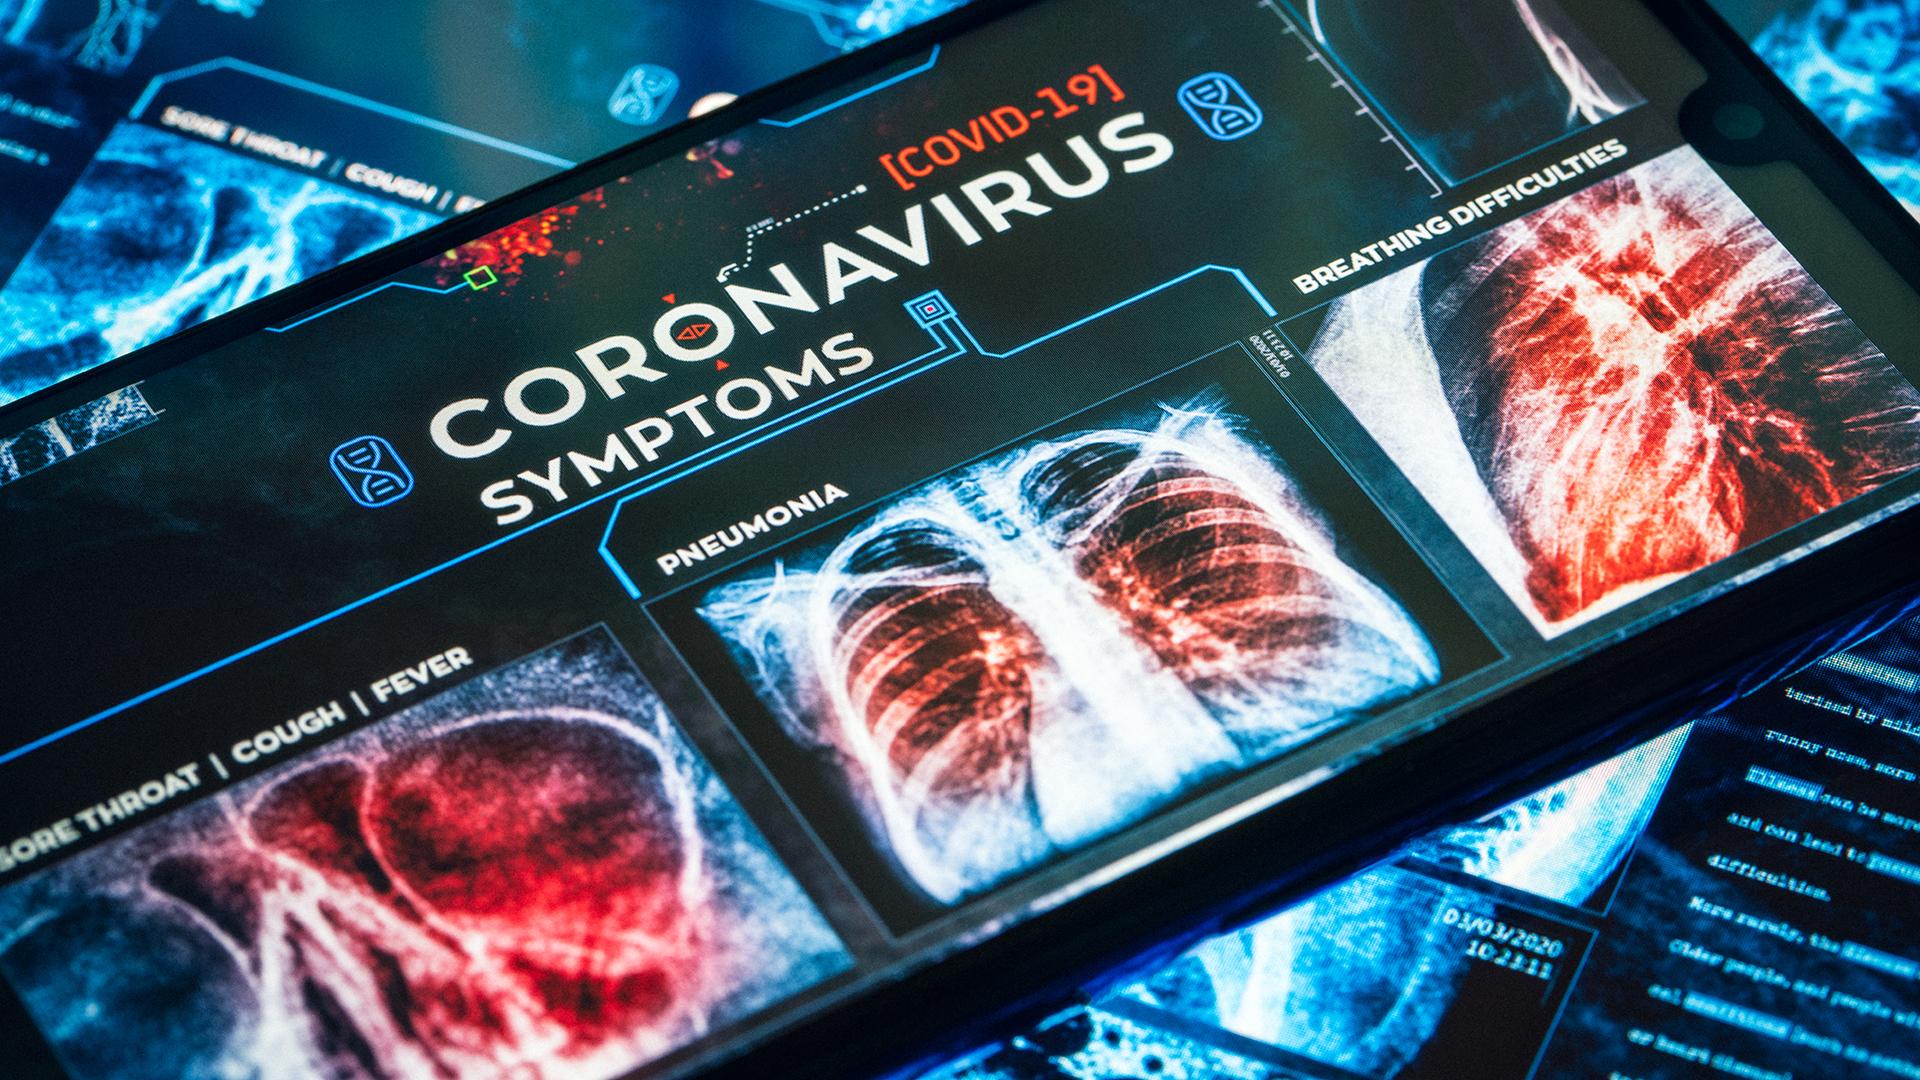 Сбер разработал искусственный интеллект для диагностики коронавируса по кашлю